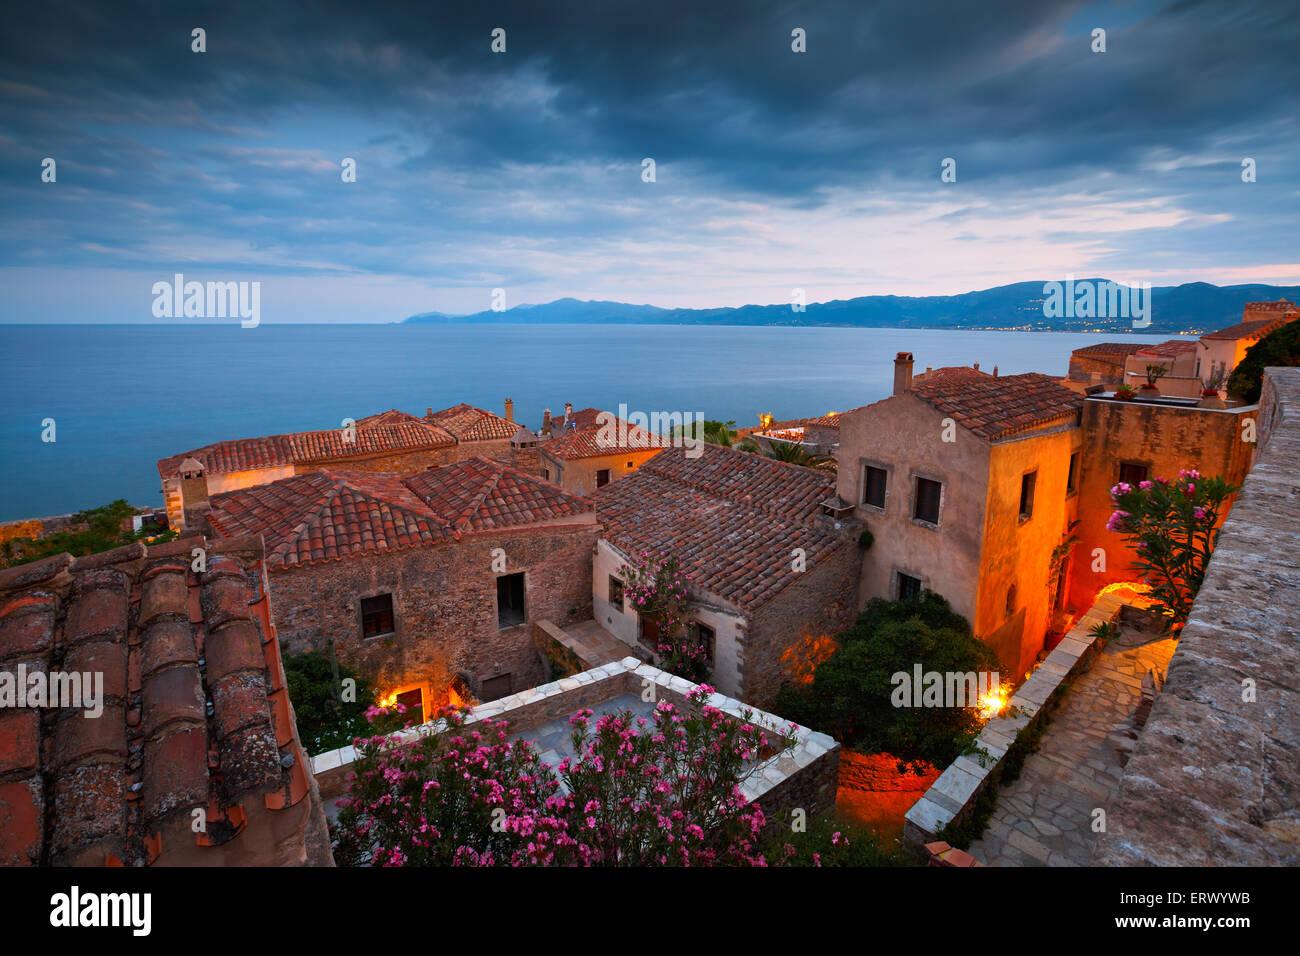 Monemvasia village in Peloponnese, Greece. - Stock Image